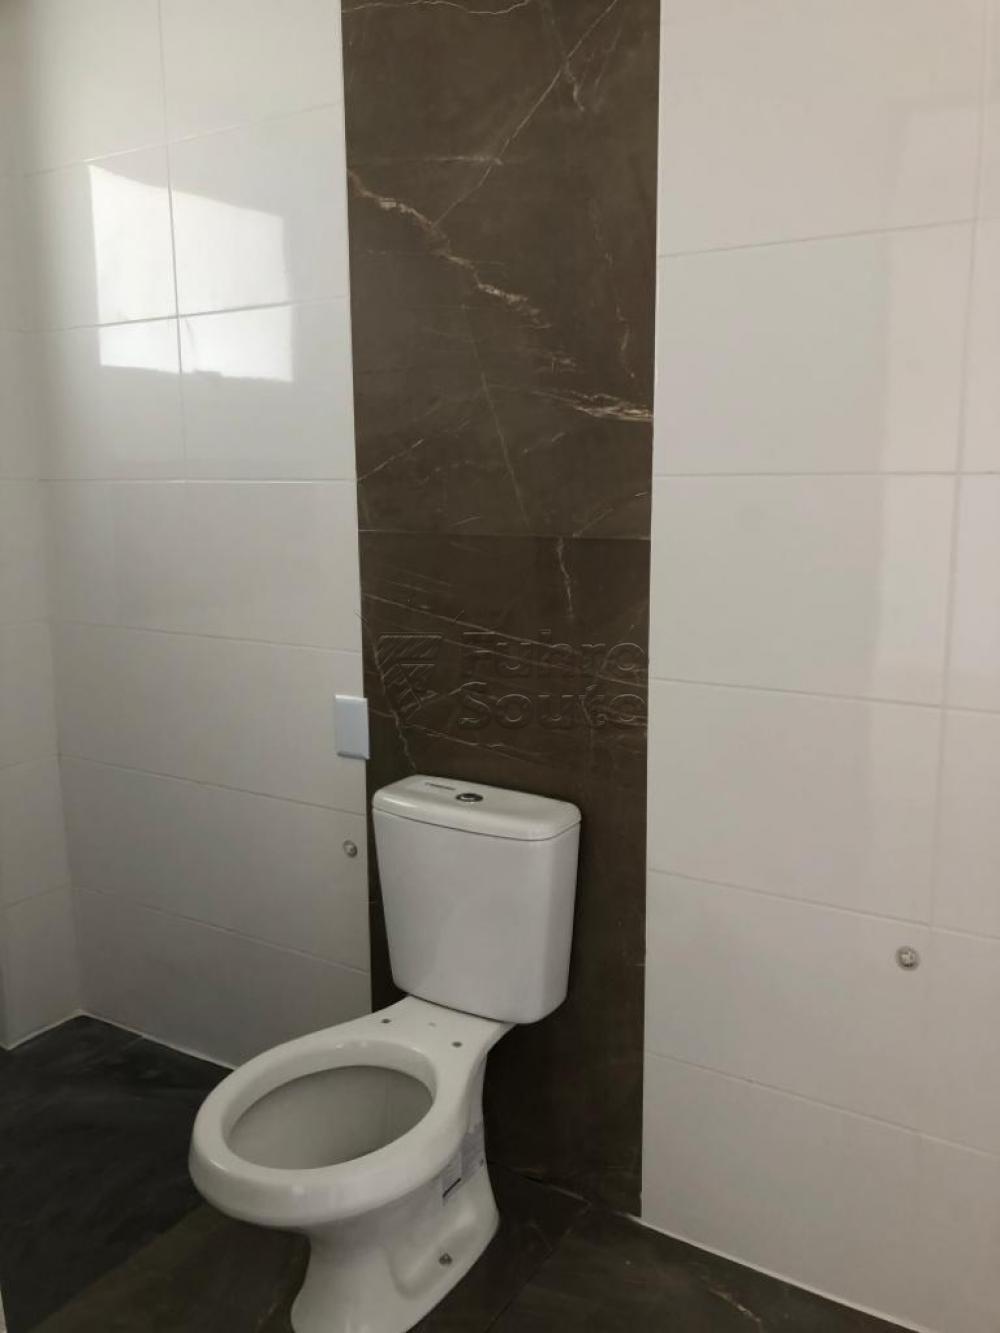 Comprar Apartamento / Loft / Studio em Pelotas R$ 185.500,00 - Foto 5